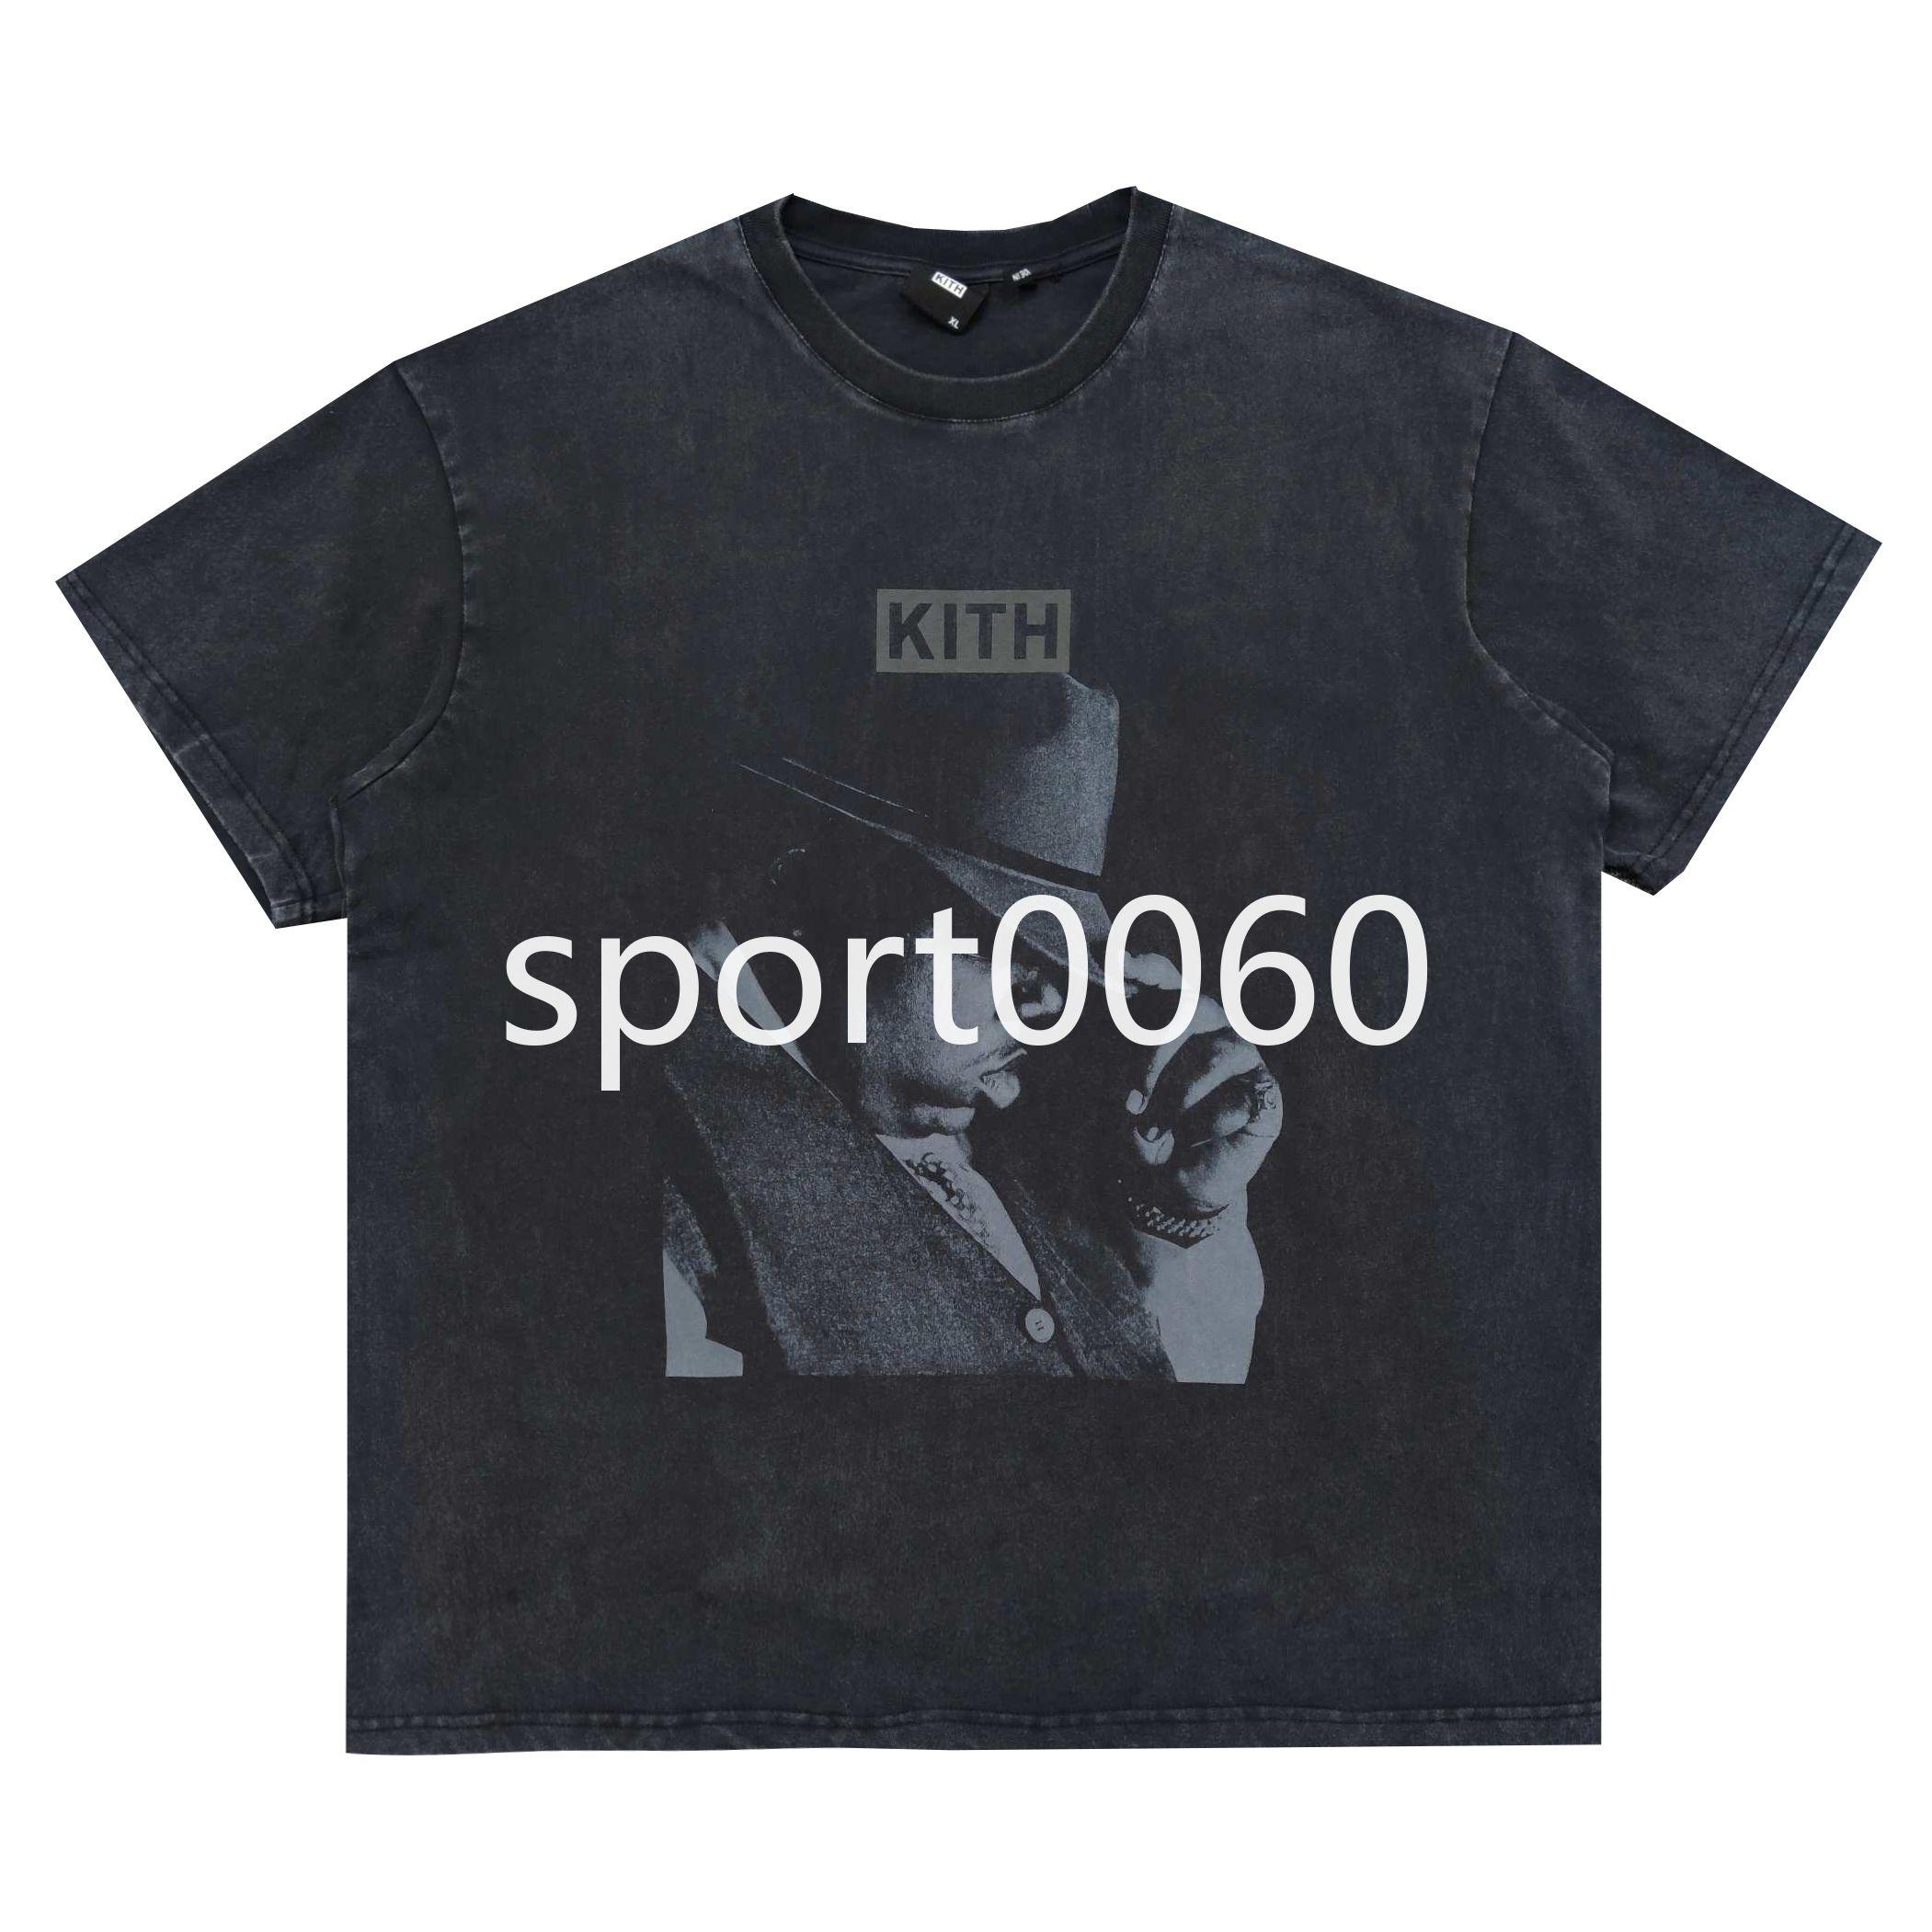 Kith name name легендарный хип-хоп певец большая фото футболка высокая улица Maychao мужчины и женщины круглые шеи промывают популярным с коротким рукавом